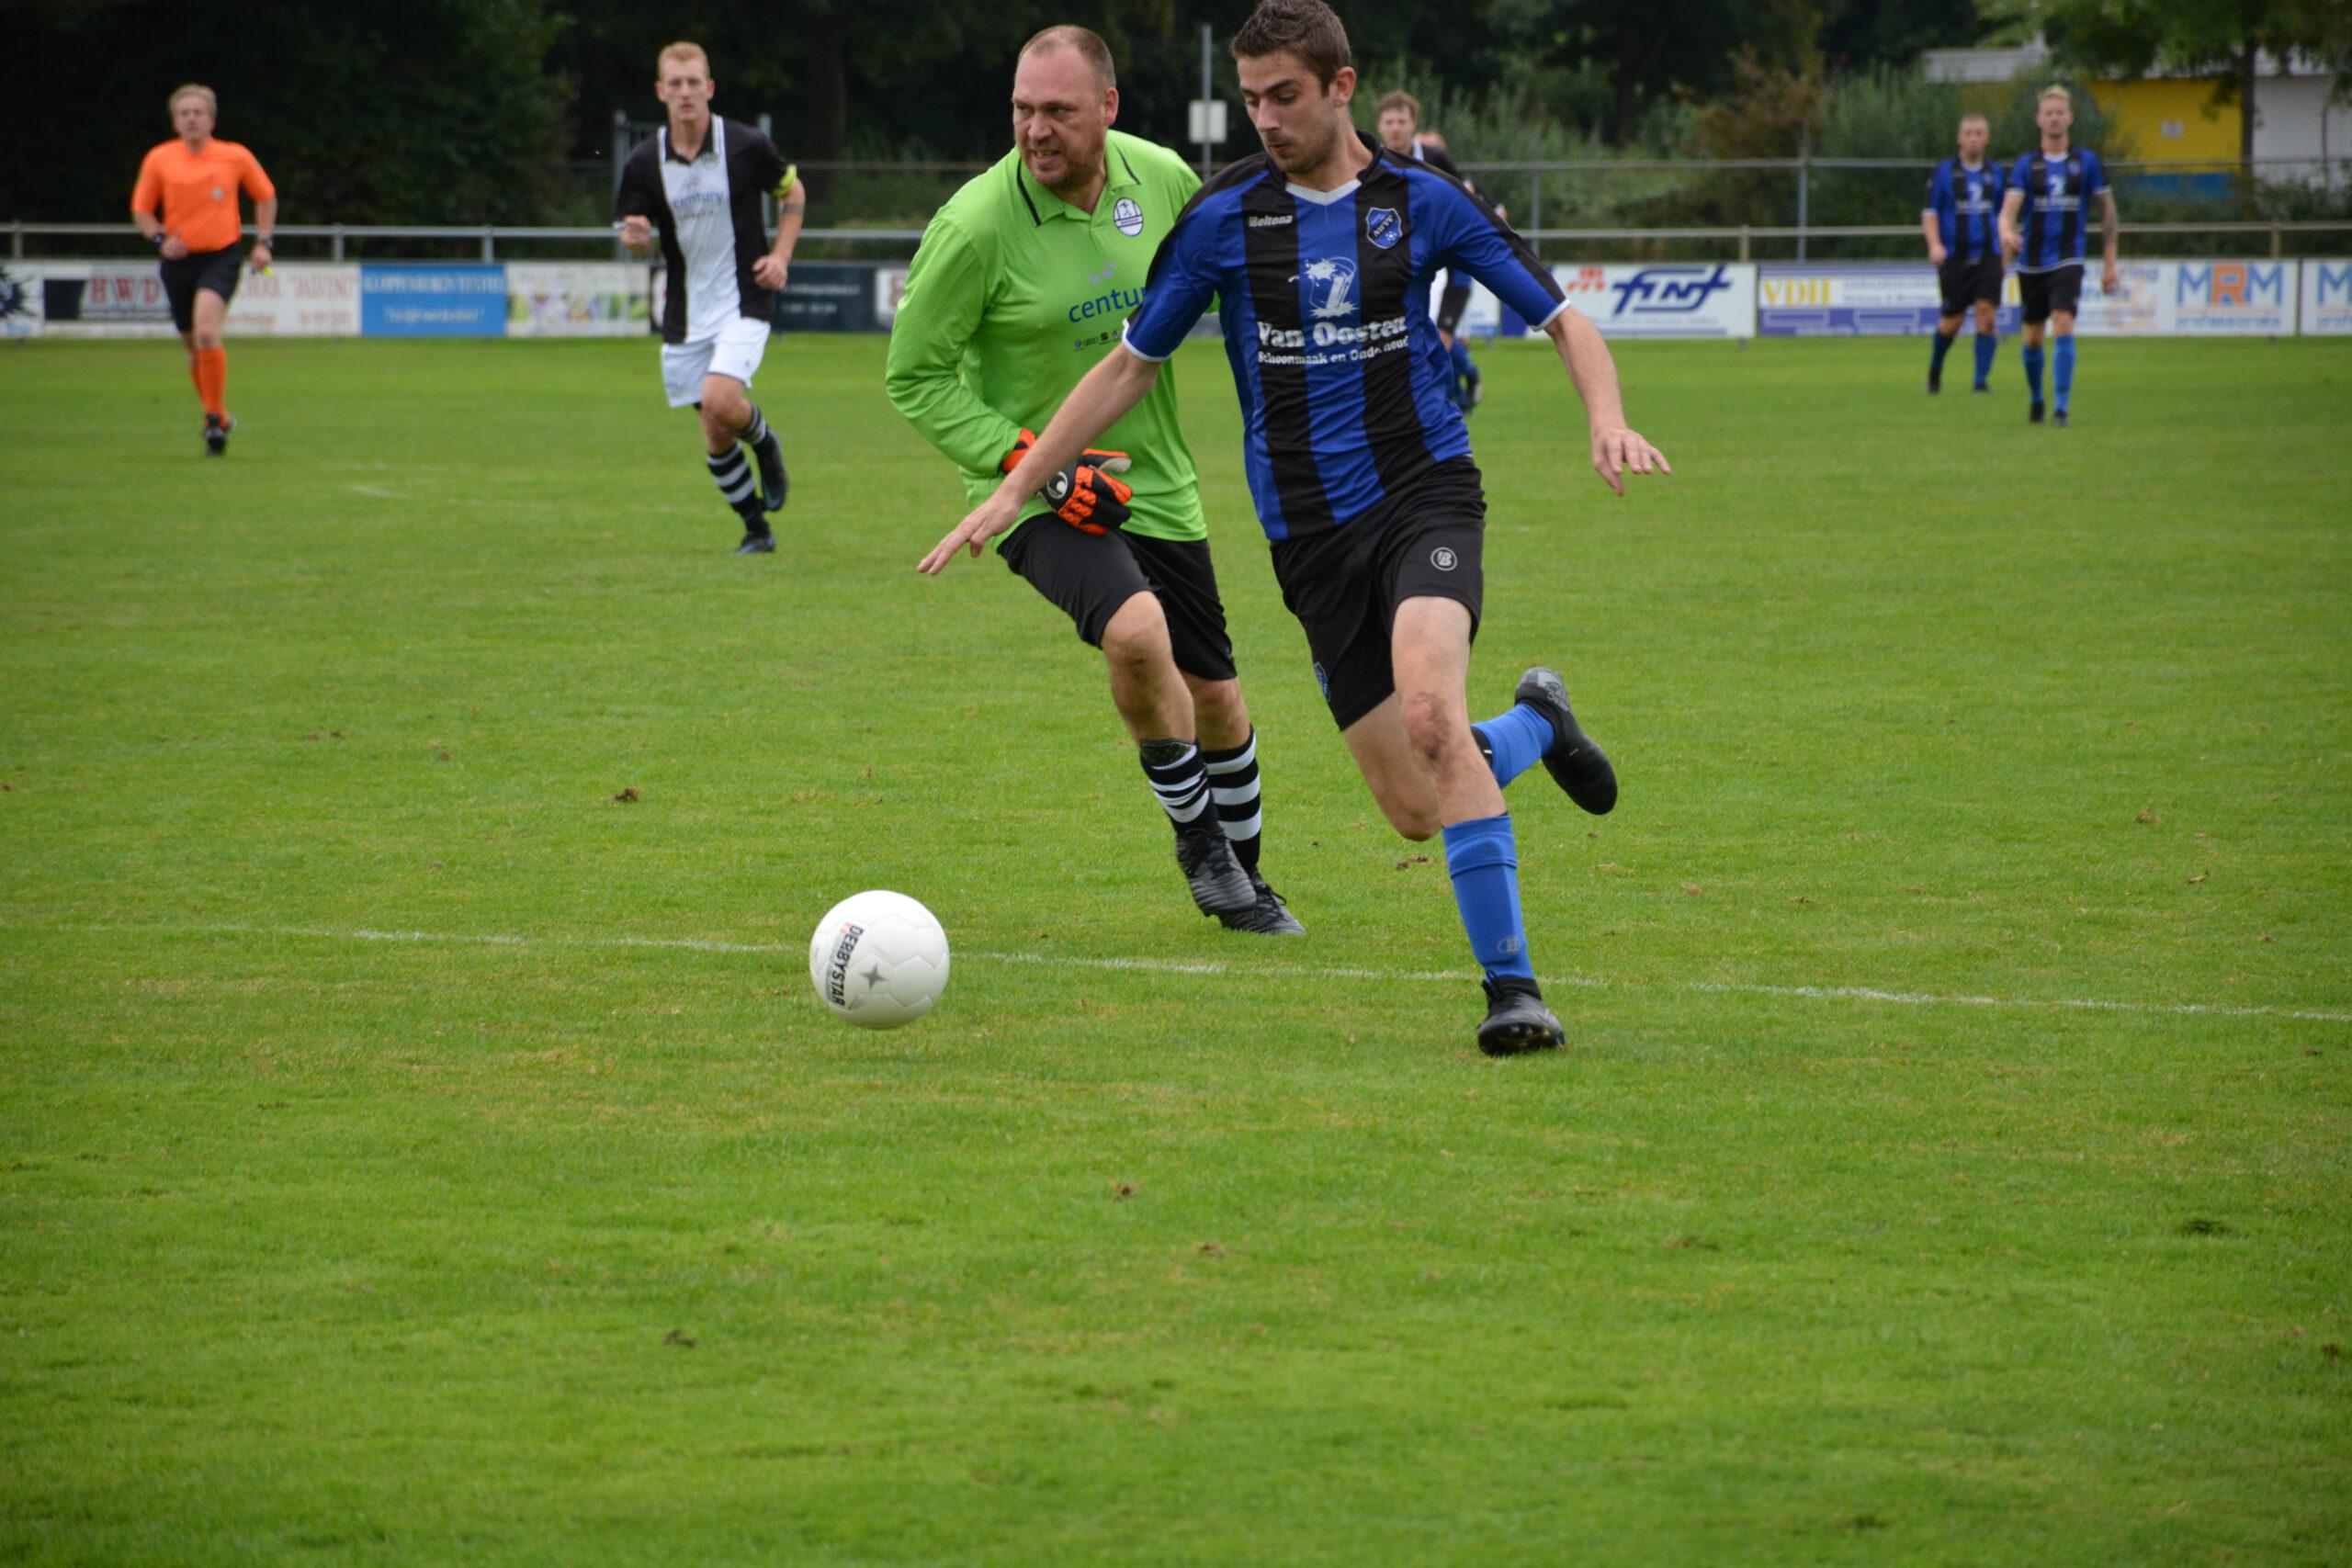 NWVV met 5-0 te sterk voor Muntendam